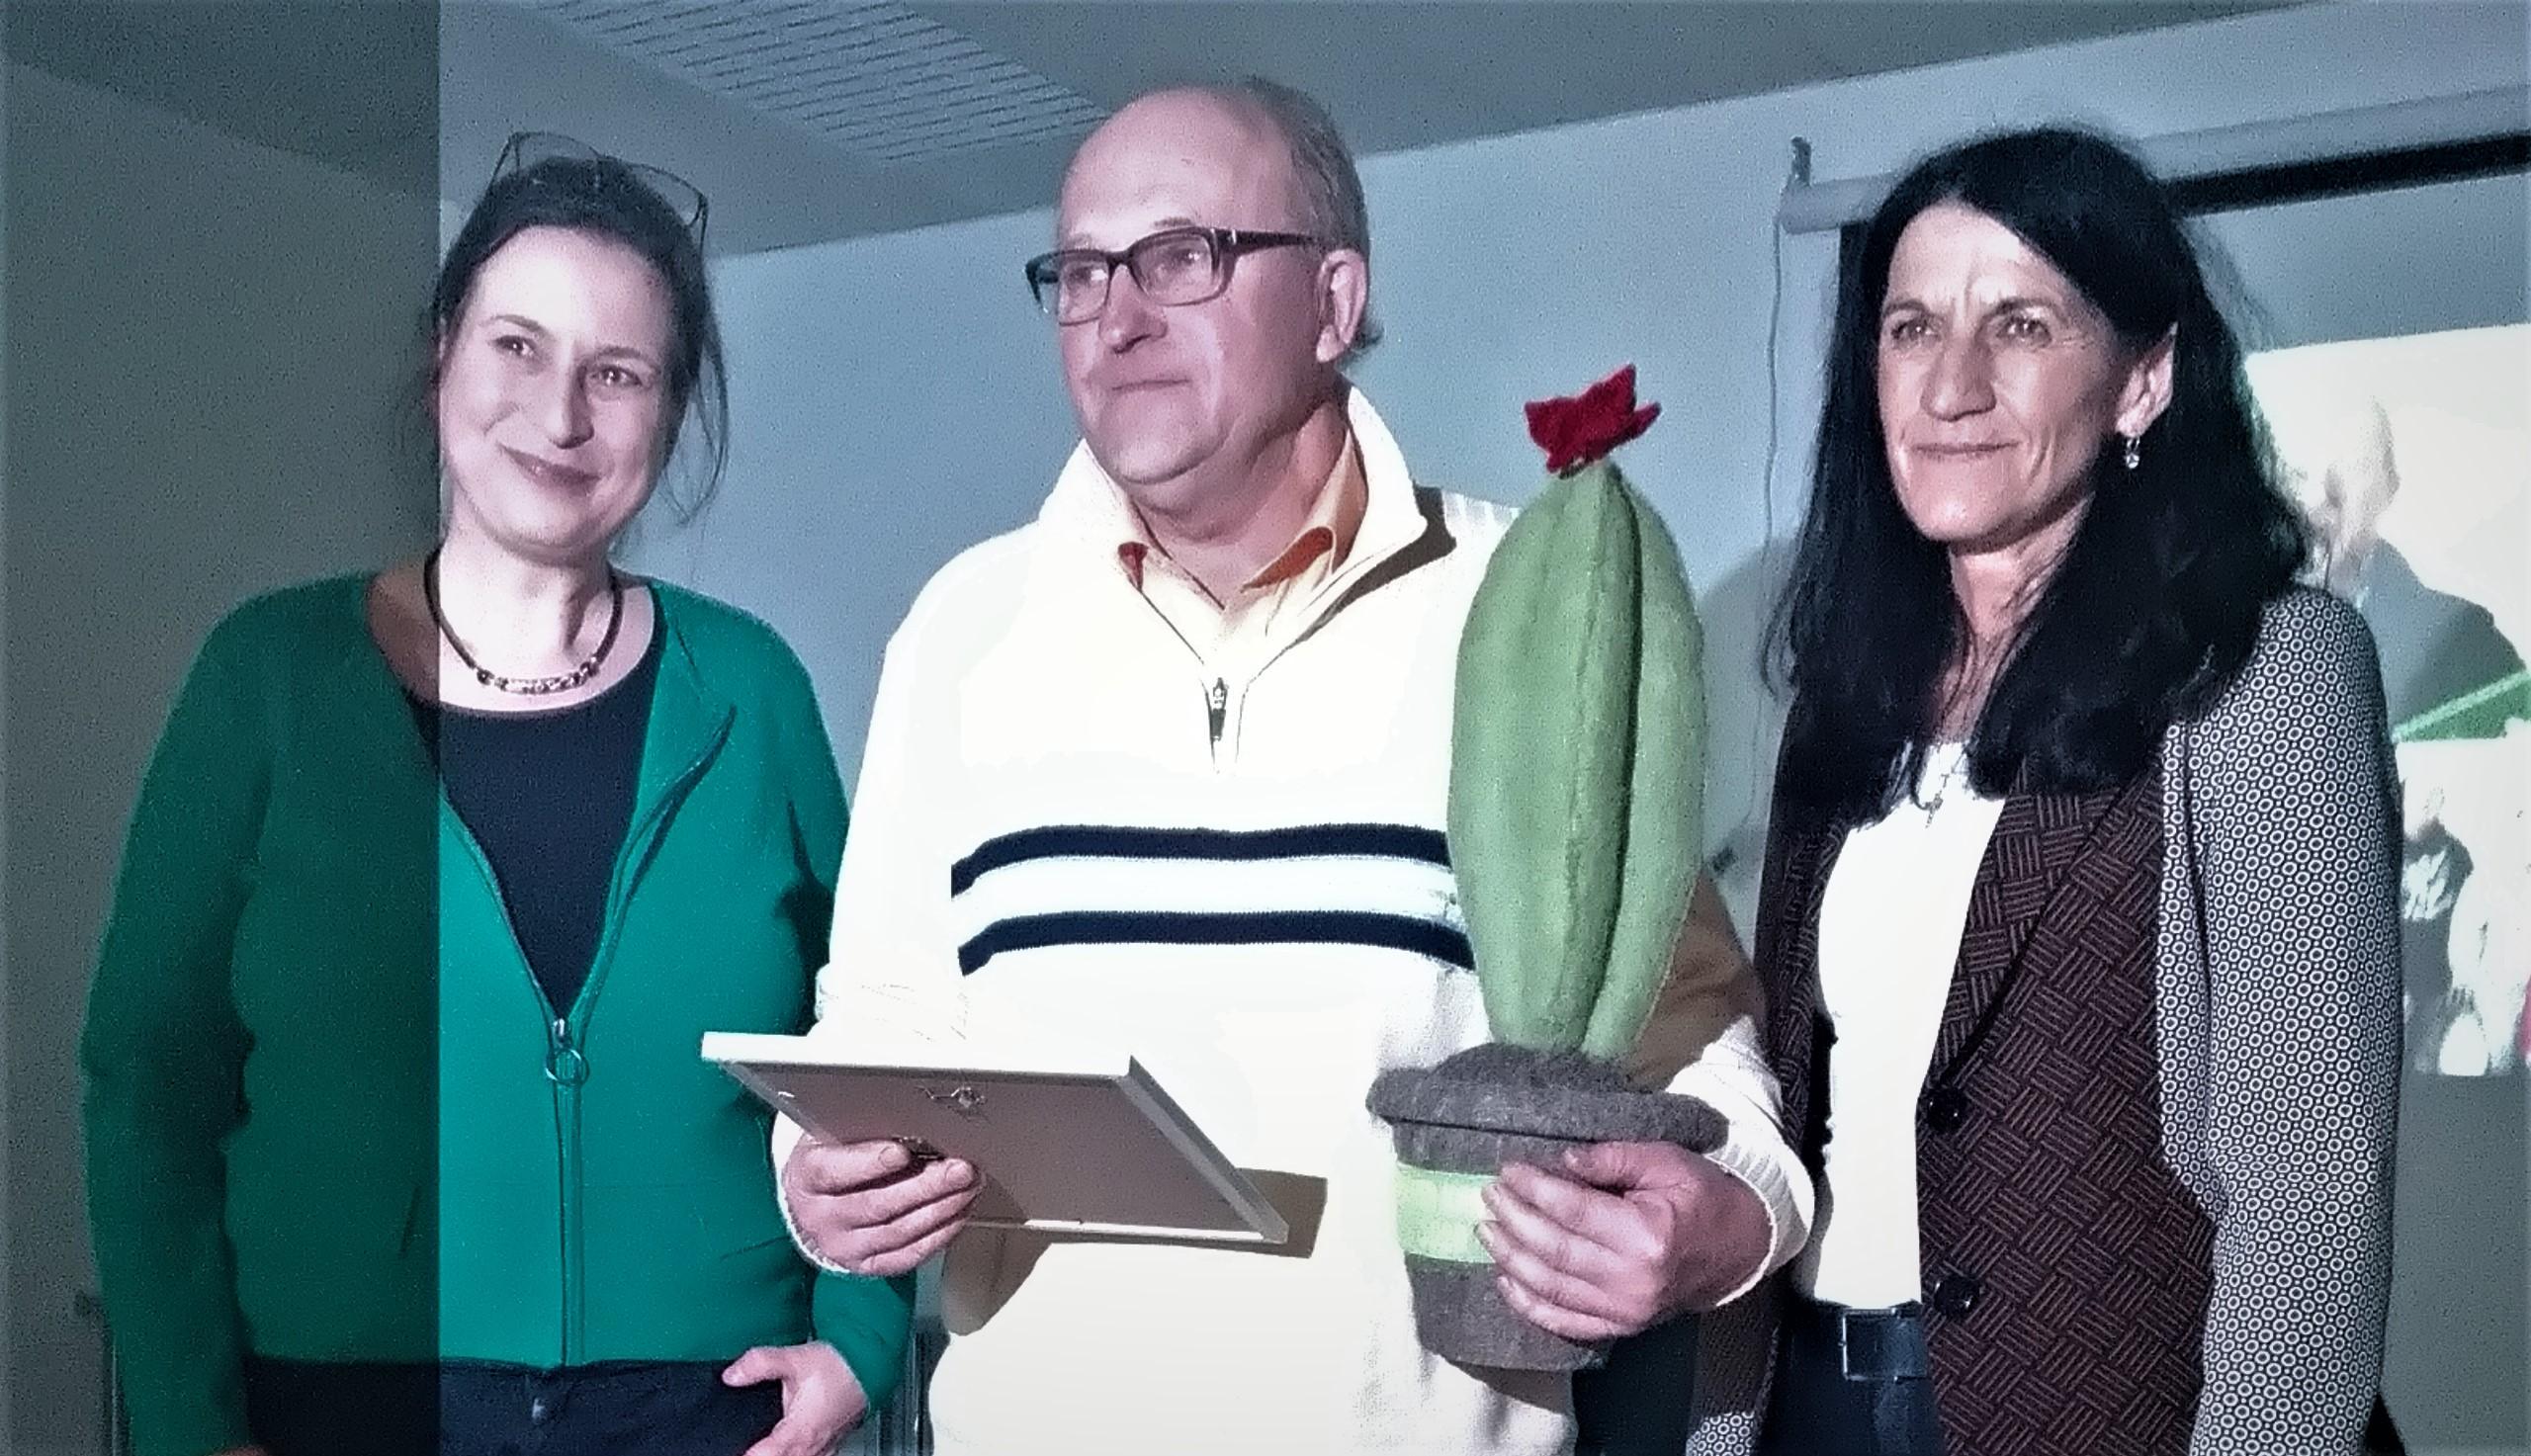 Umweltpreis GRÜNER Kaktus 2020 geht an Gahr Biologischer Gartenbau!